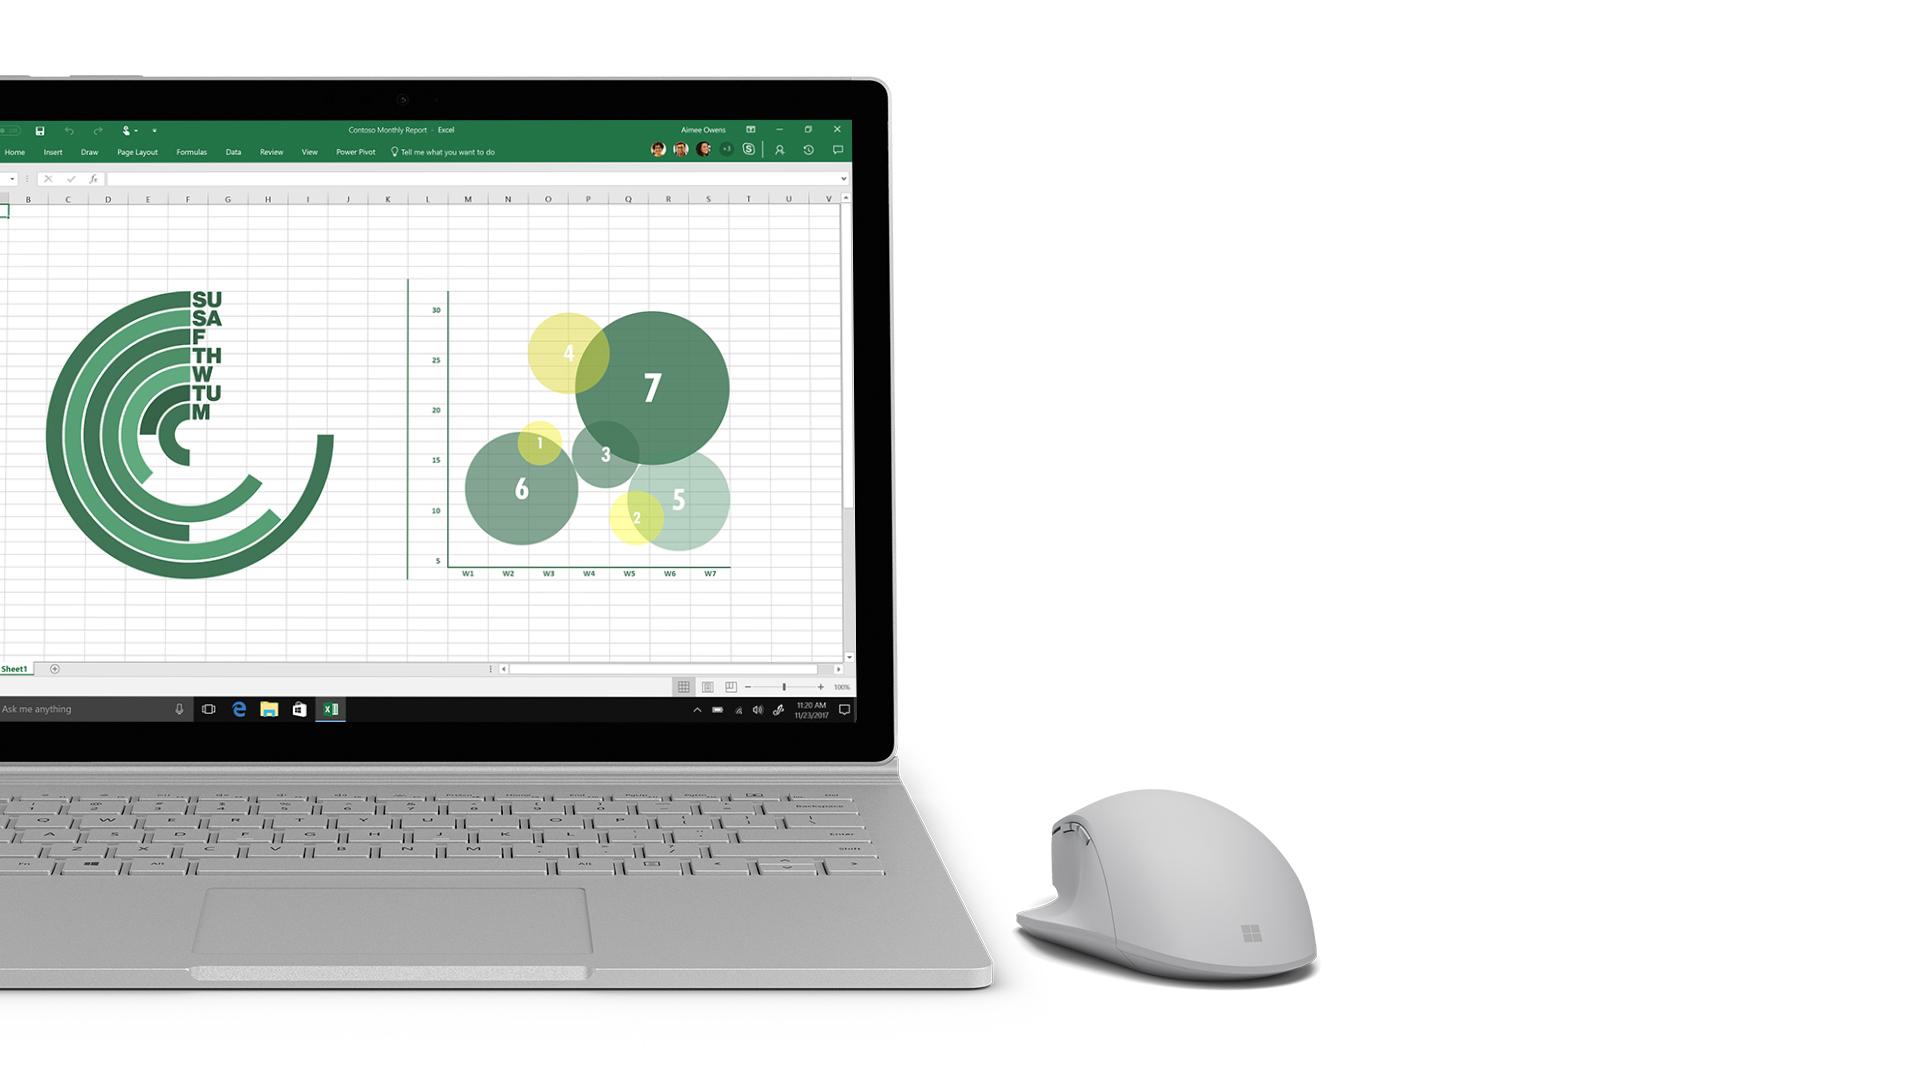 Skärmbild av Excel på Surface.